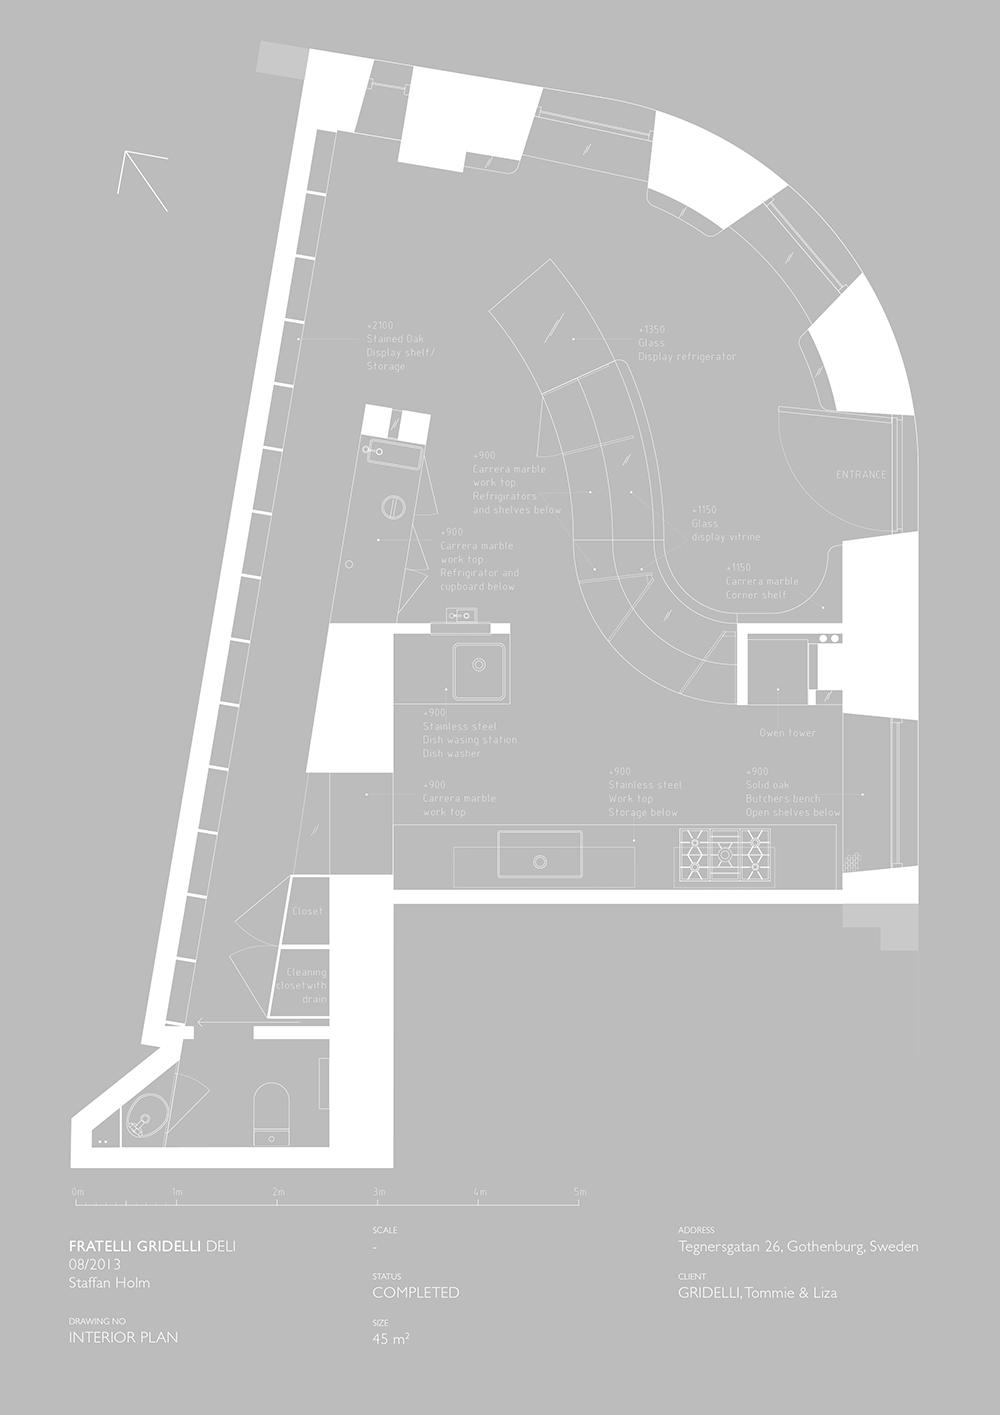 frat grid Illustation-03.jpg